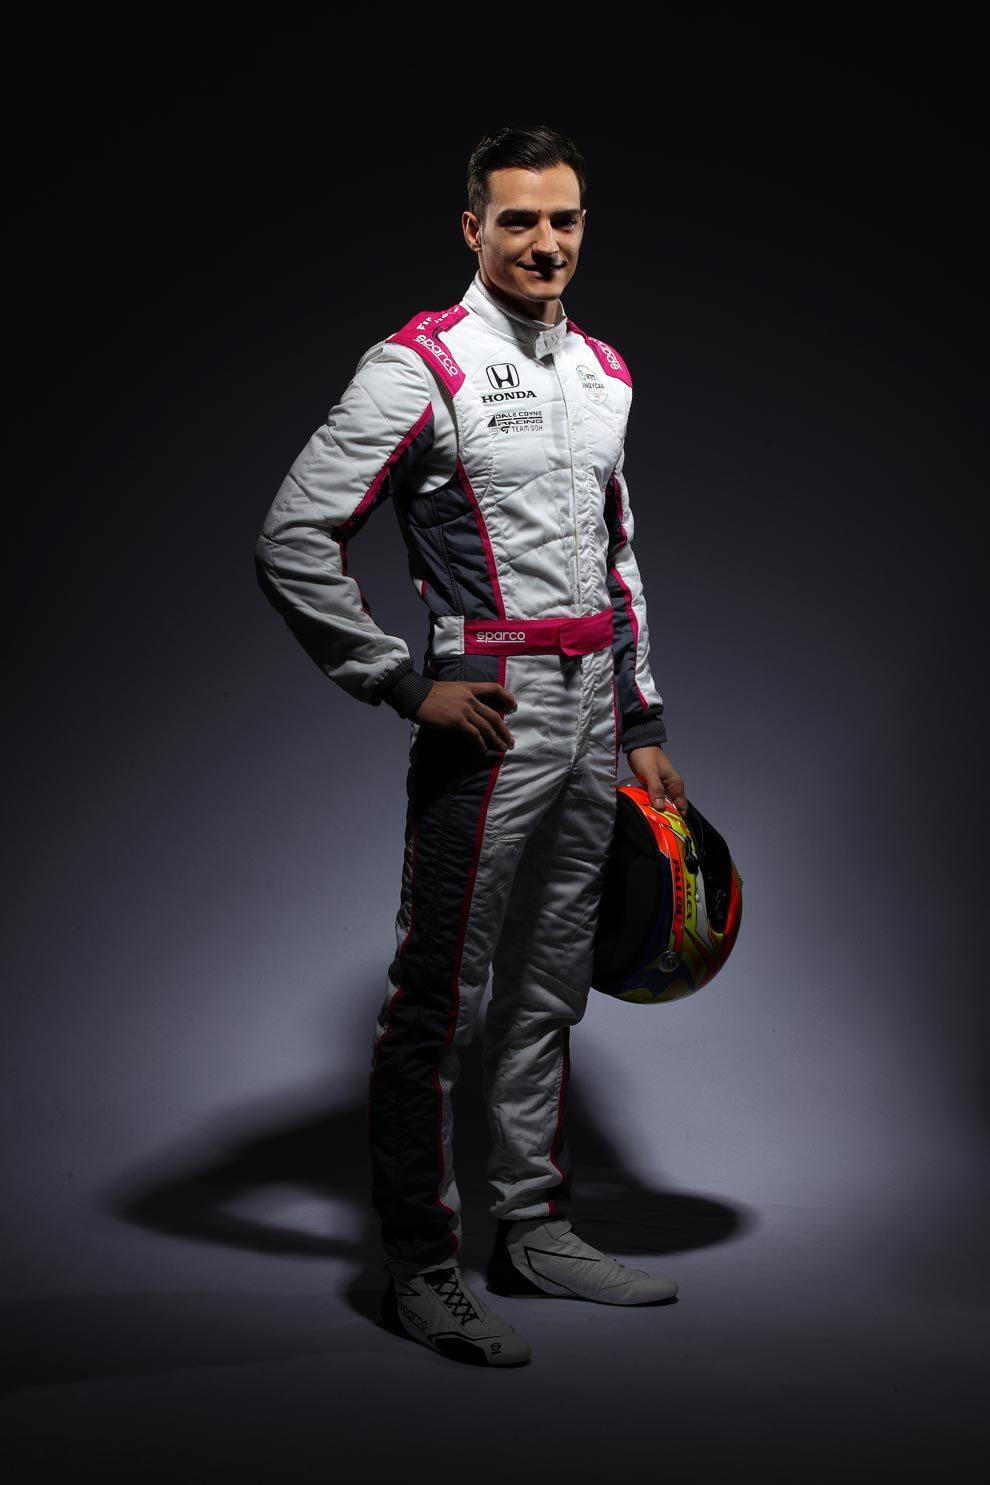 El español compite con el equipo Dale Coyne Racing.